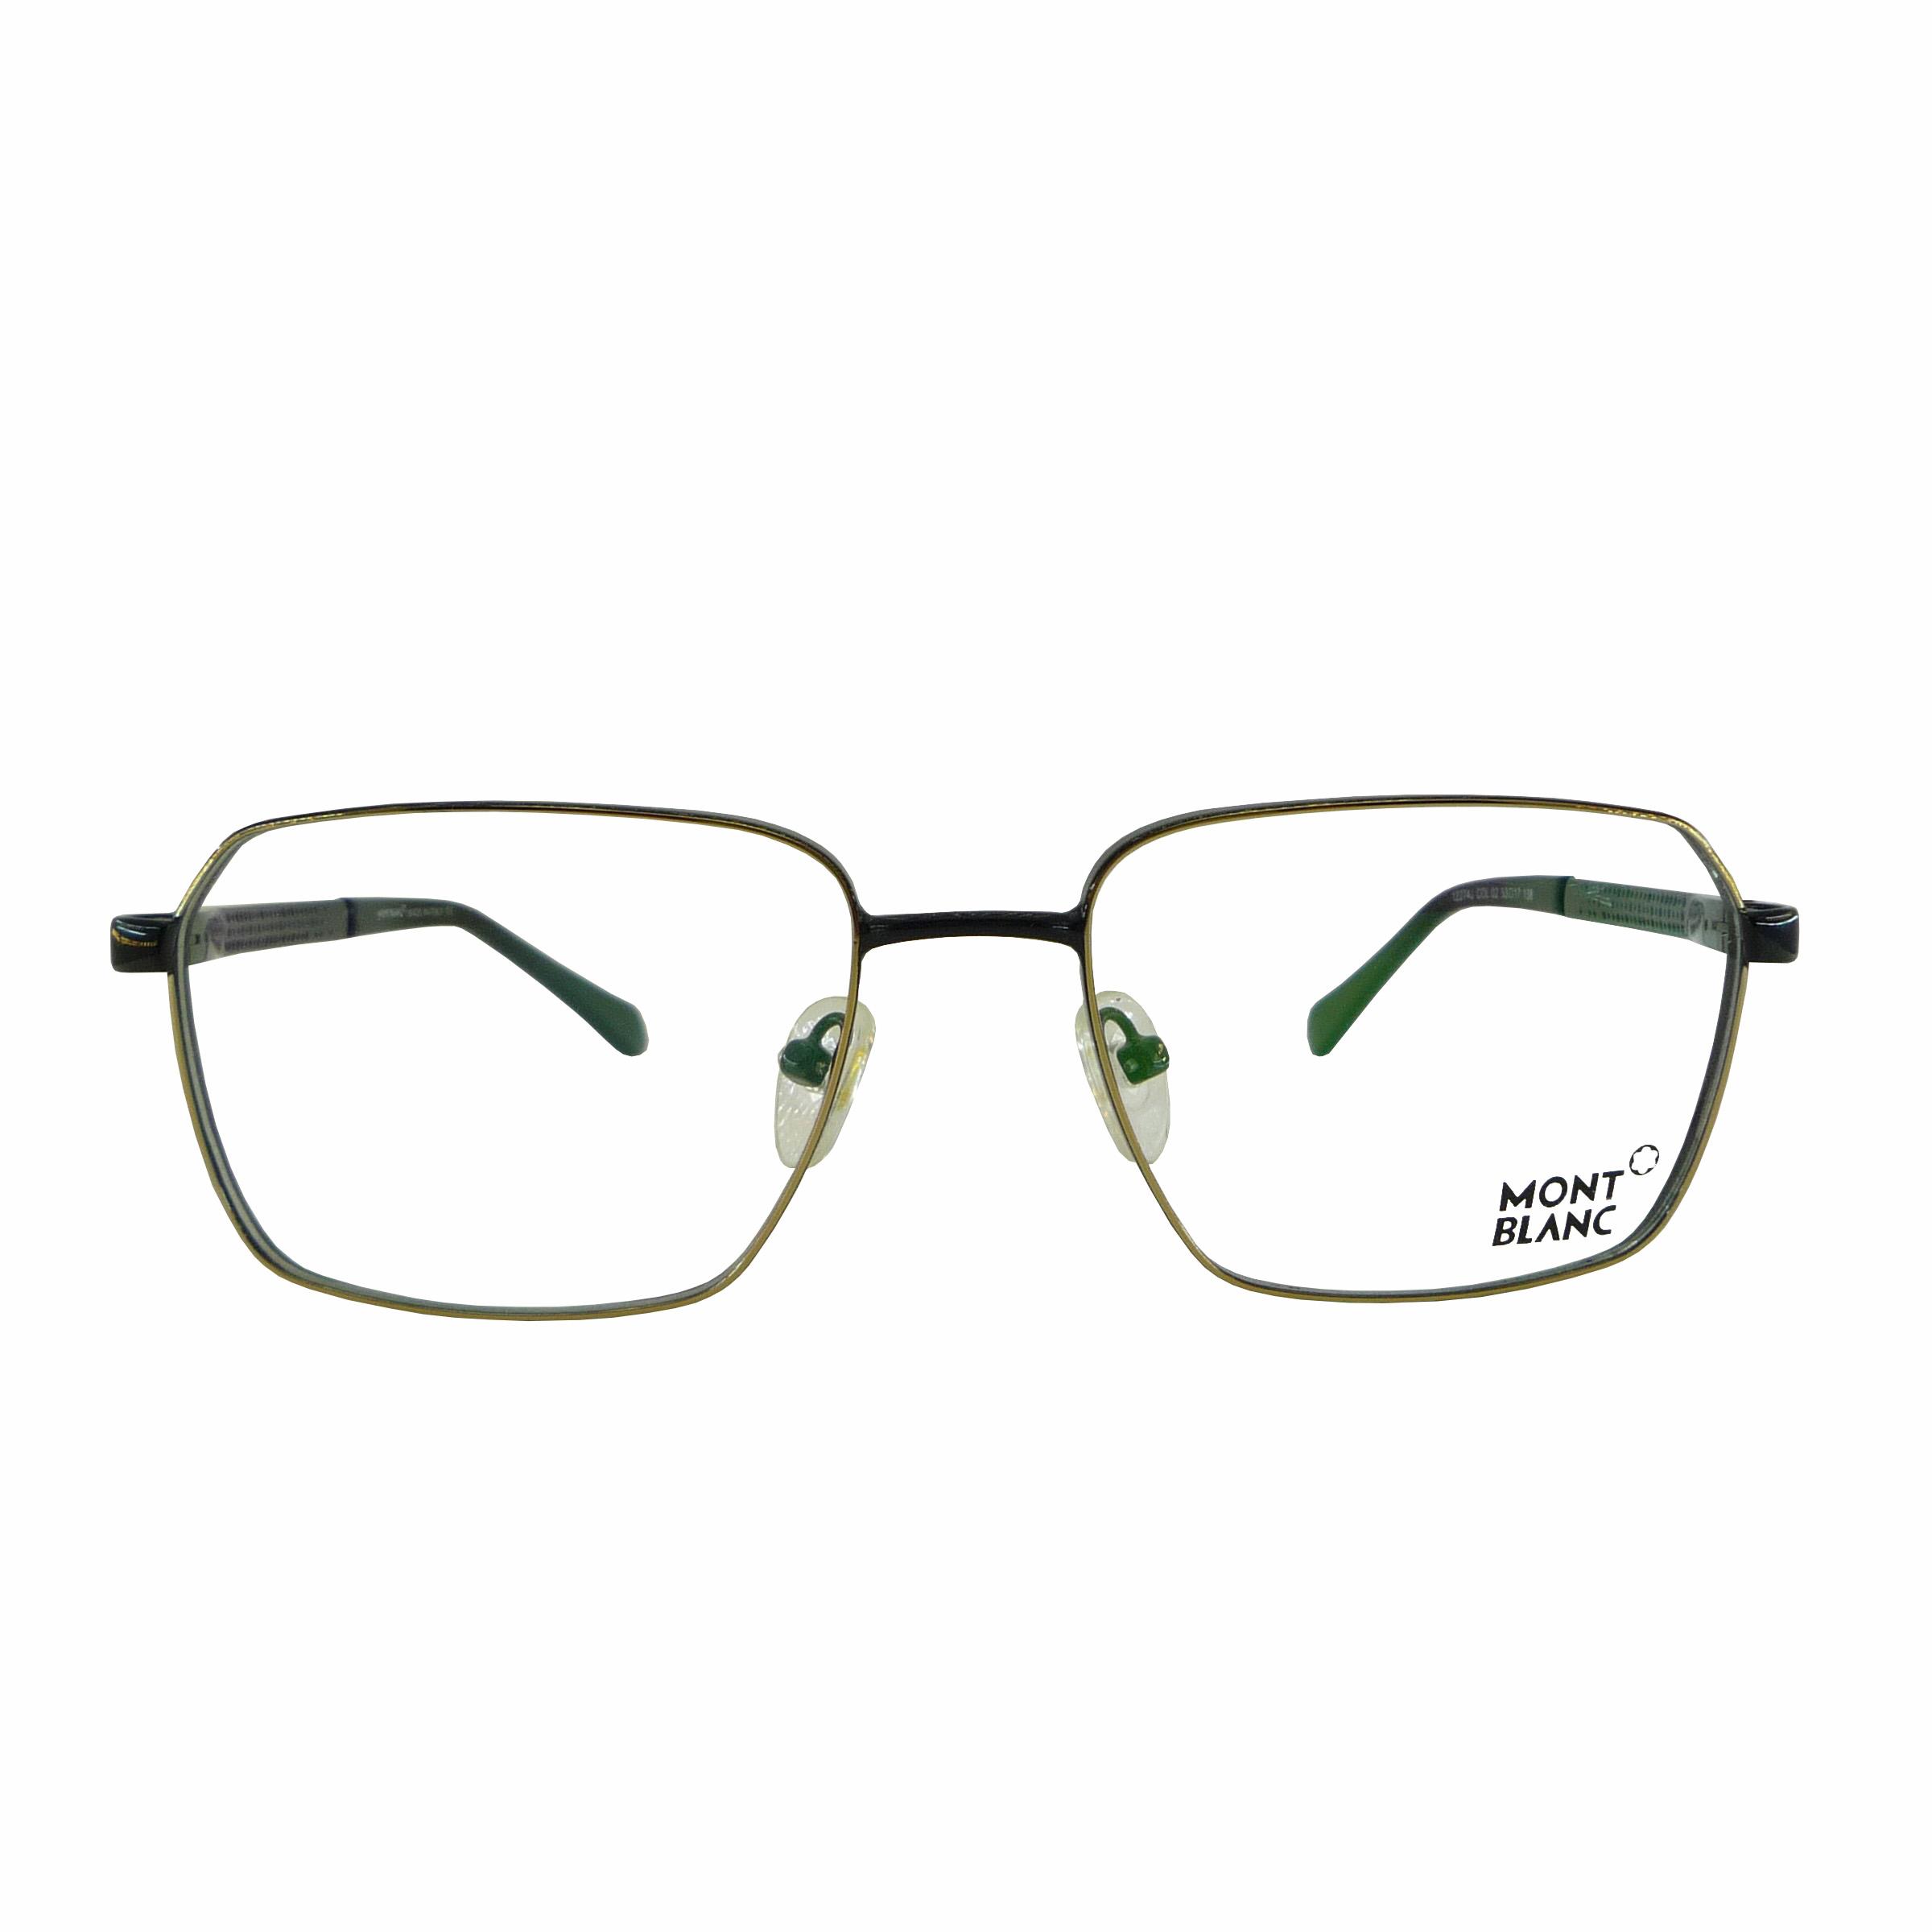 فریم عینک طبی مون بلان مدل T2171-12274JC2